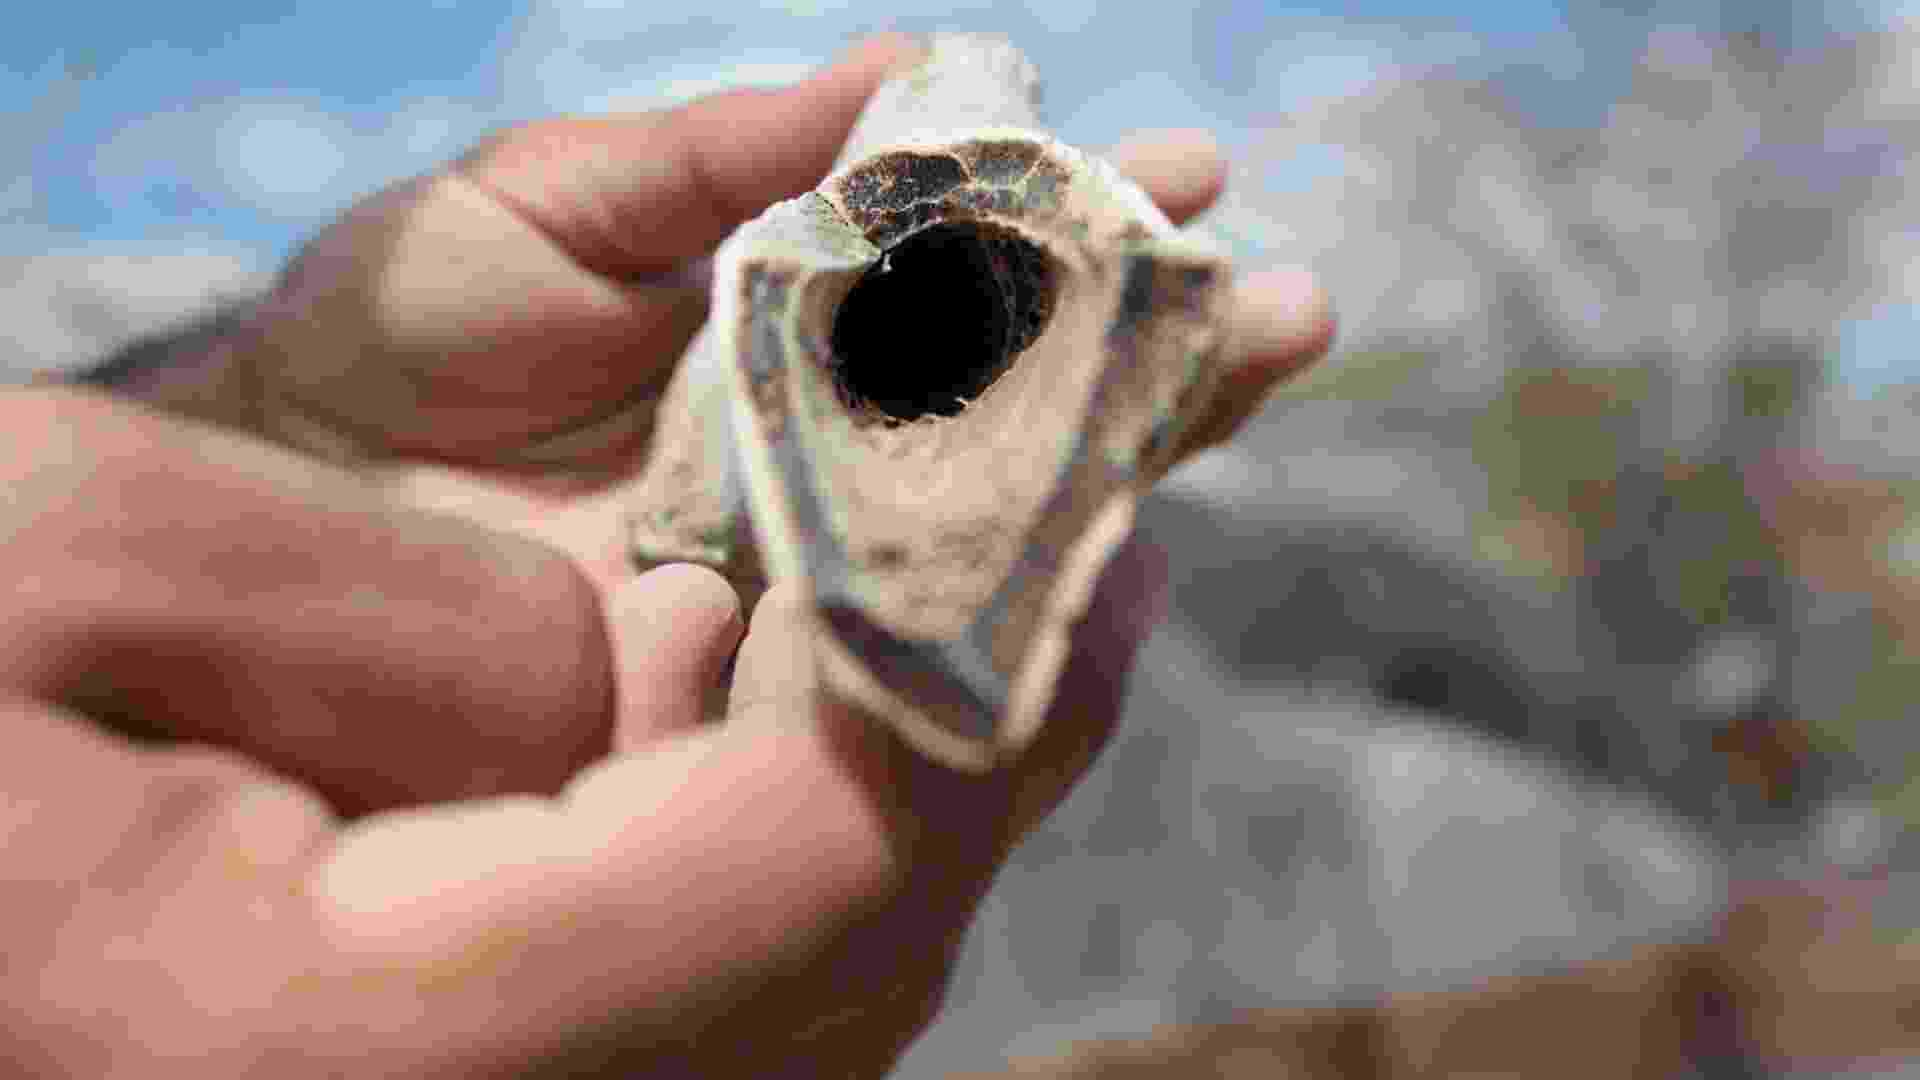 7.mai.2013 - Seca revela fósseis de mais de 70 mil anos em Caruaru - Diogenes Barbosa/Jornal Vanguarda